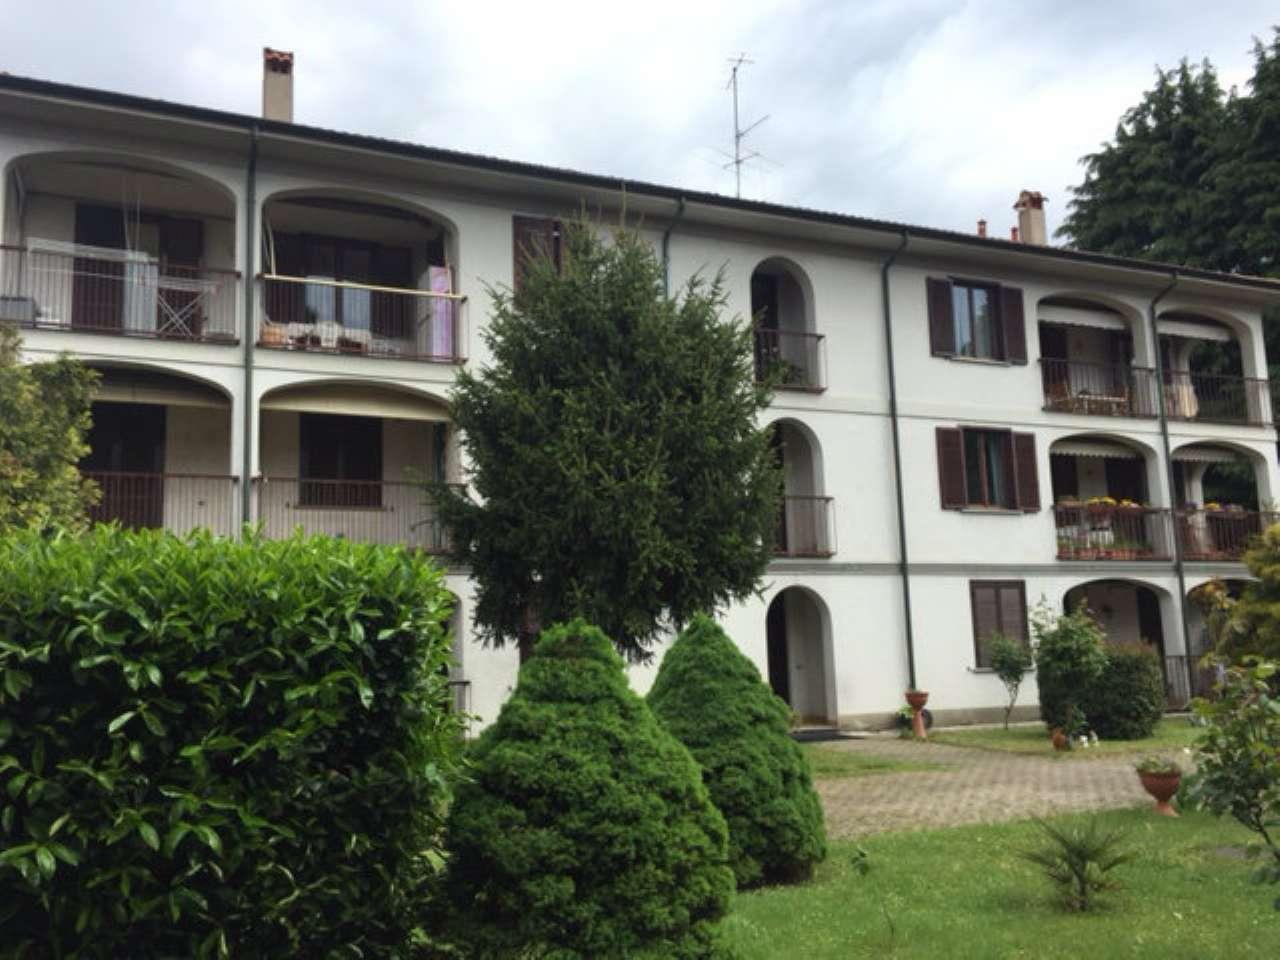 Appartamento in vendita a Gorla Minore, 3 locali, Trattative riservate | CambioCasa.it